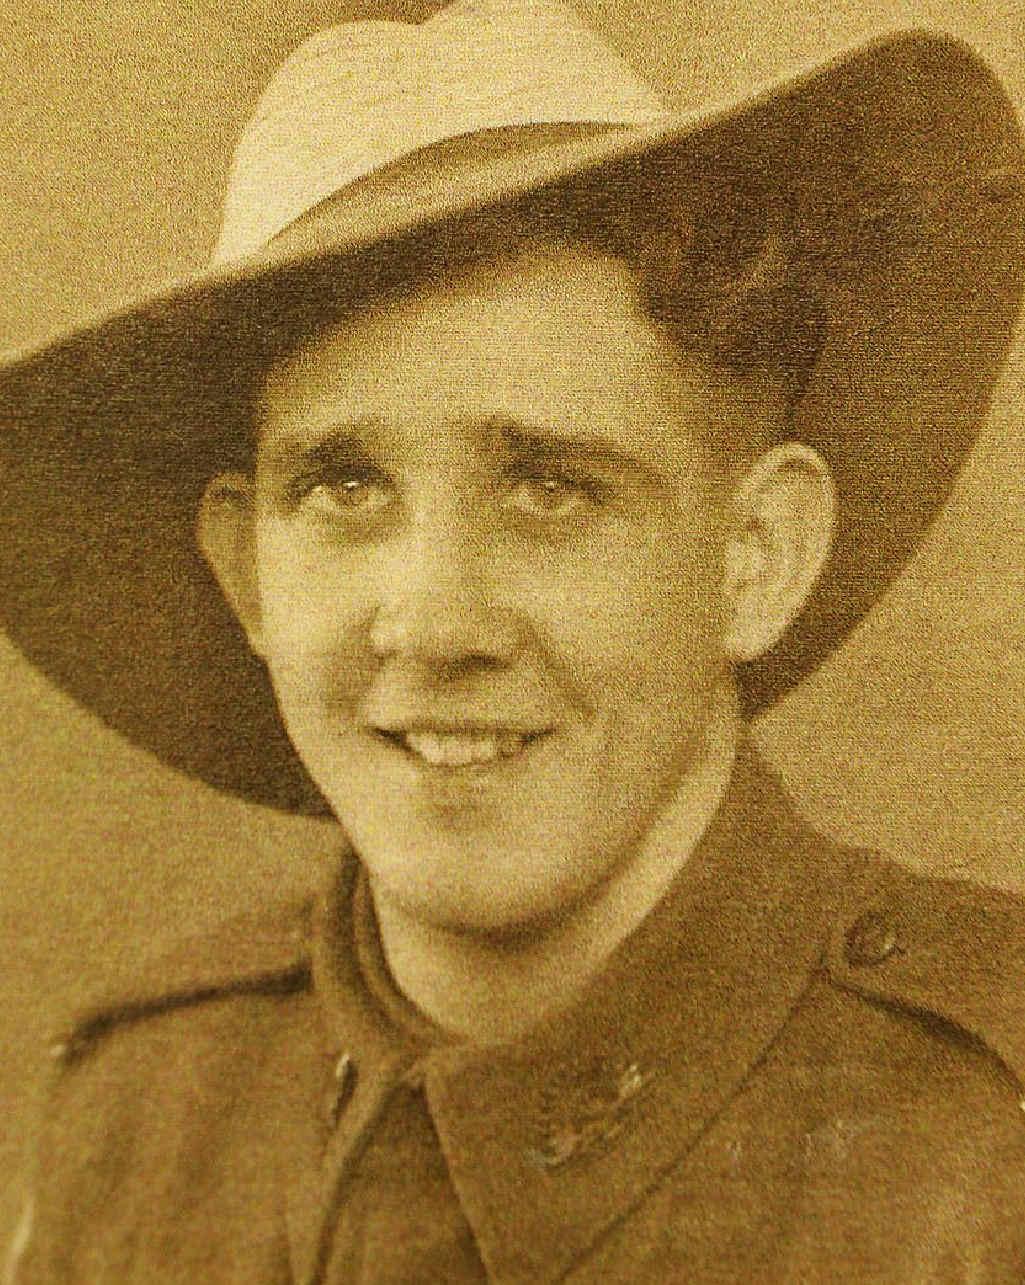 Mr Smith in his service uniform.